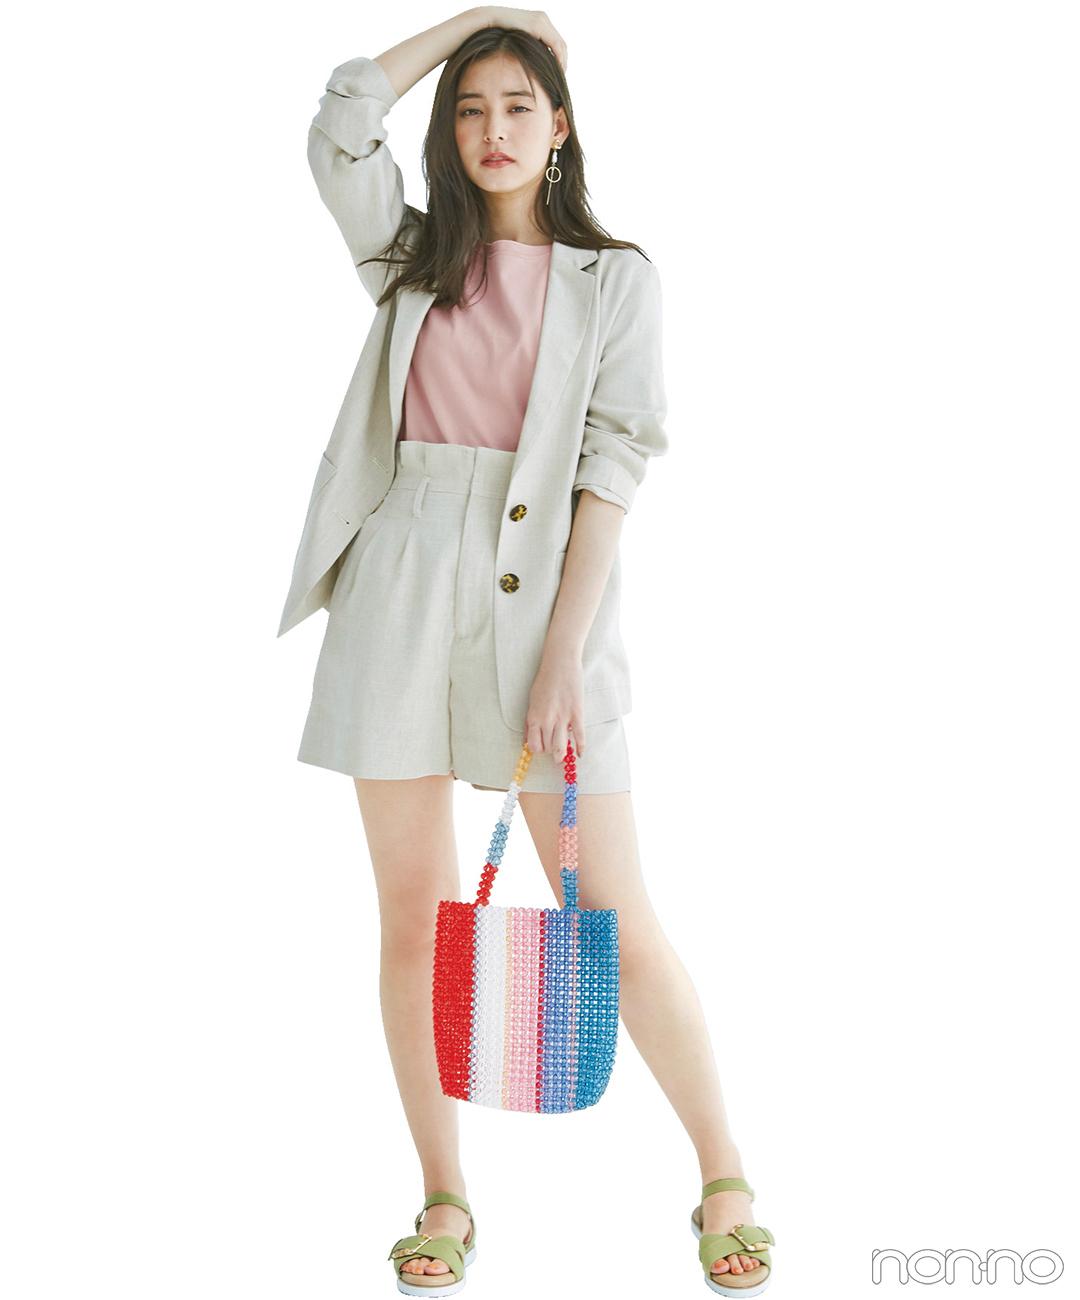 新木優子はベージュのセットアップにピンクを効かせてしゃれ感も可愛げも!【毎日コーデ】